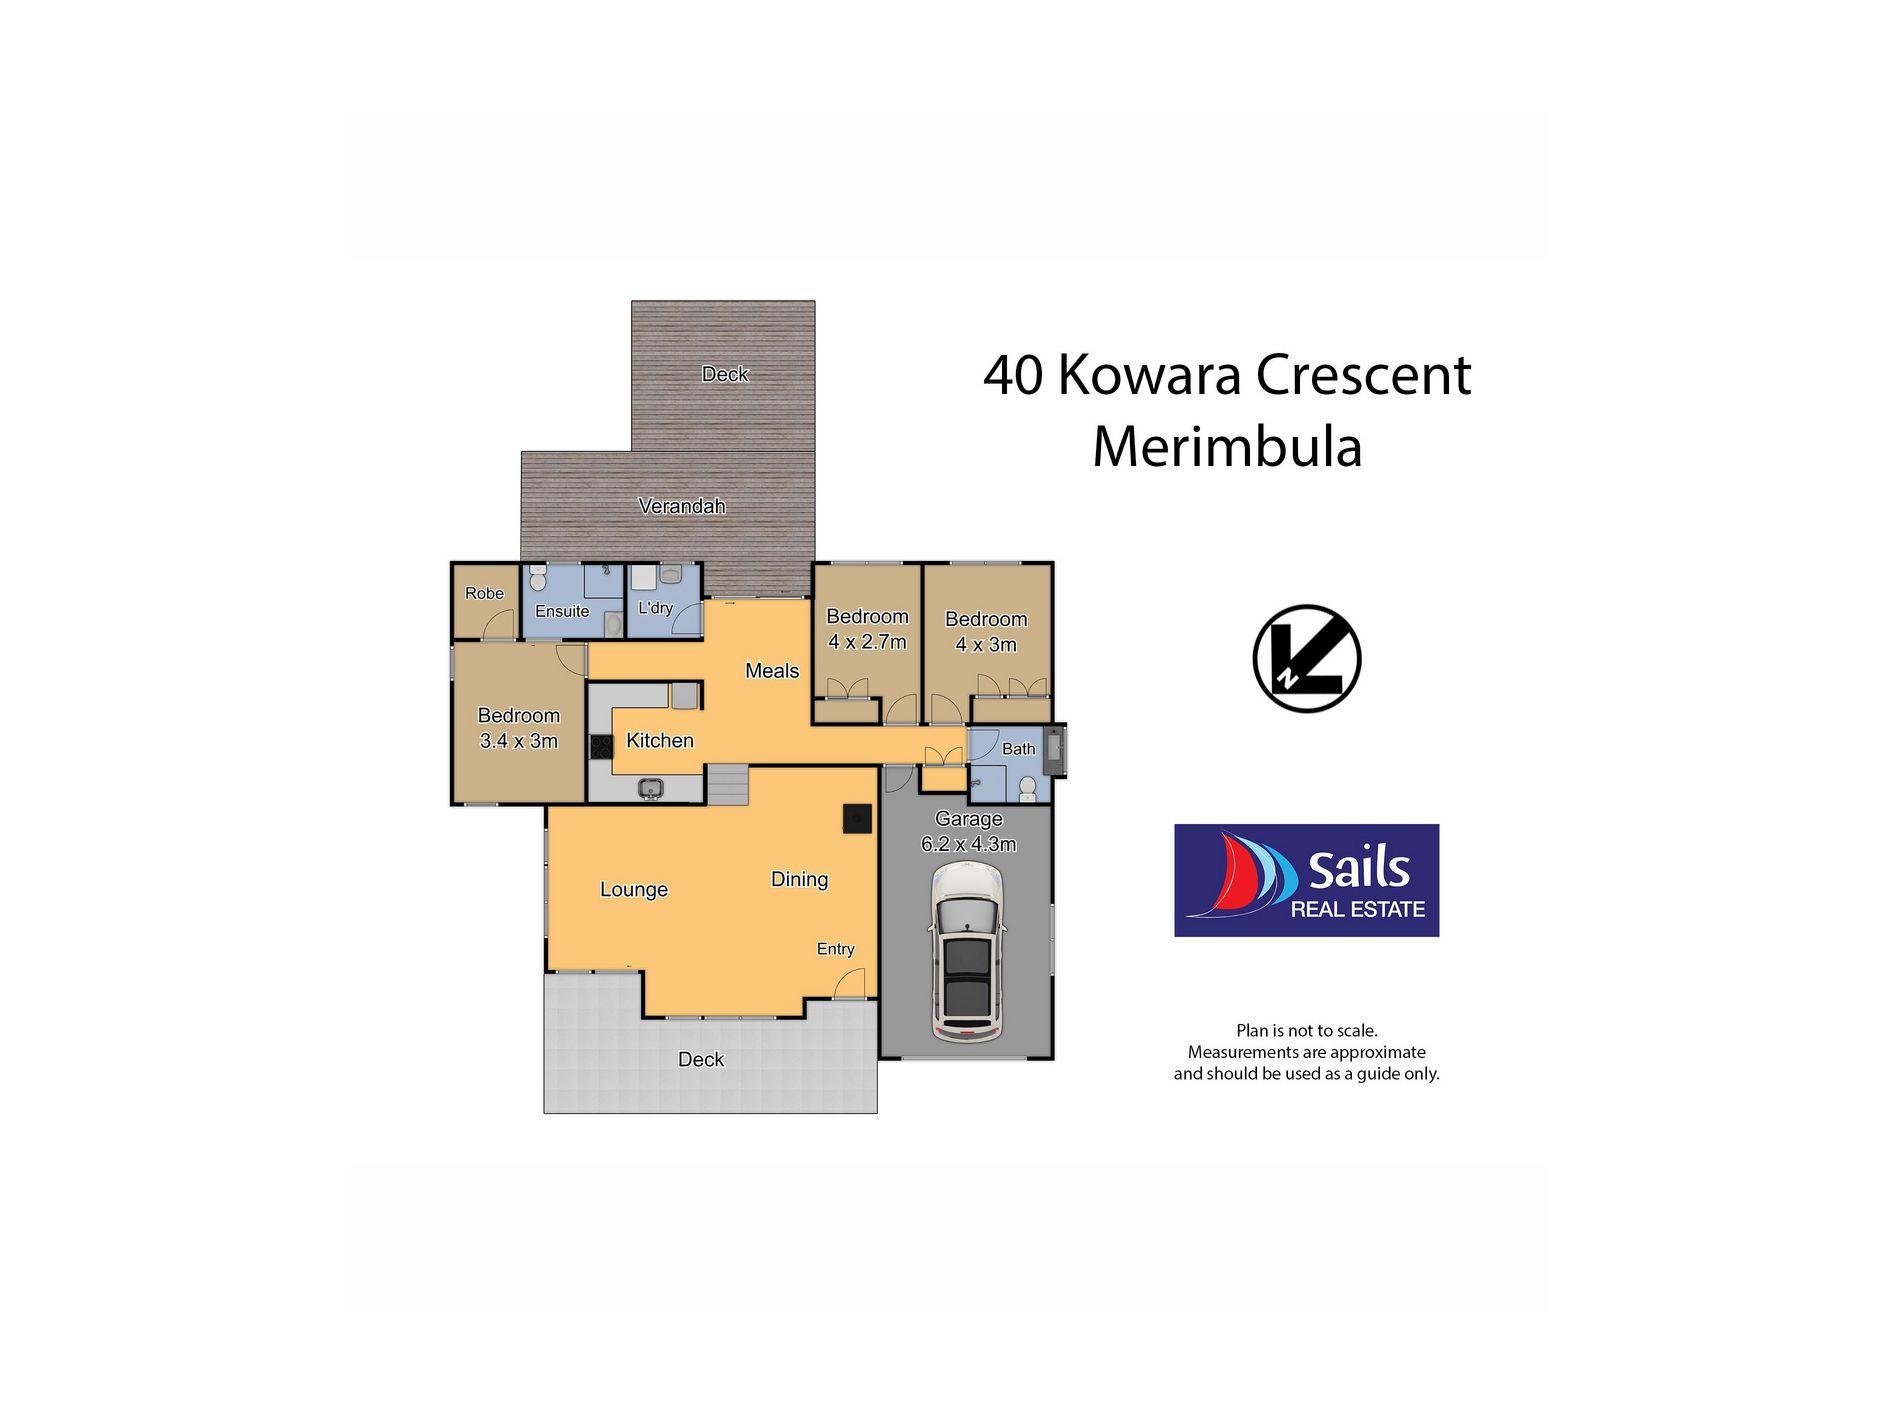 40 Kowara Crescent, Merimbula